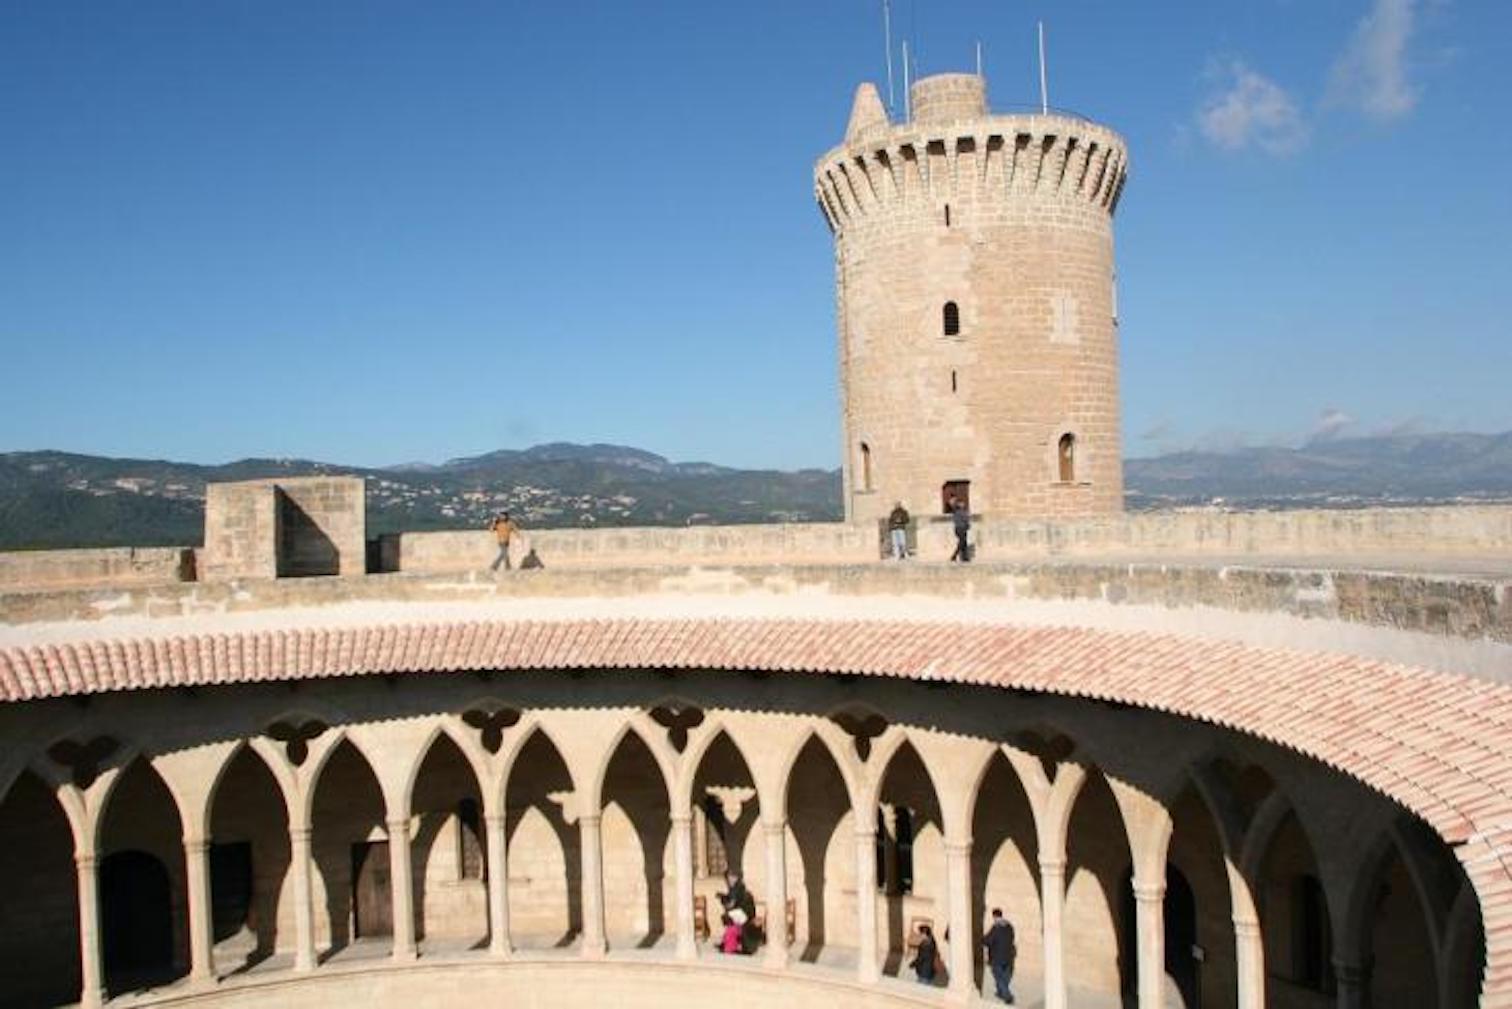 Bellver Castle circular courtyard & tower.